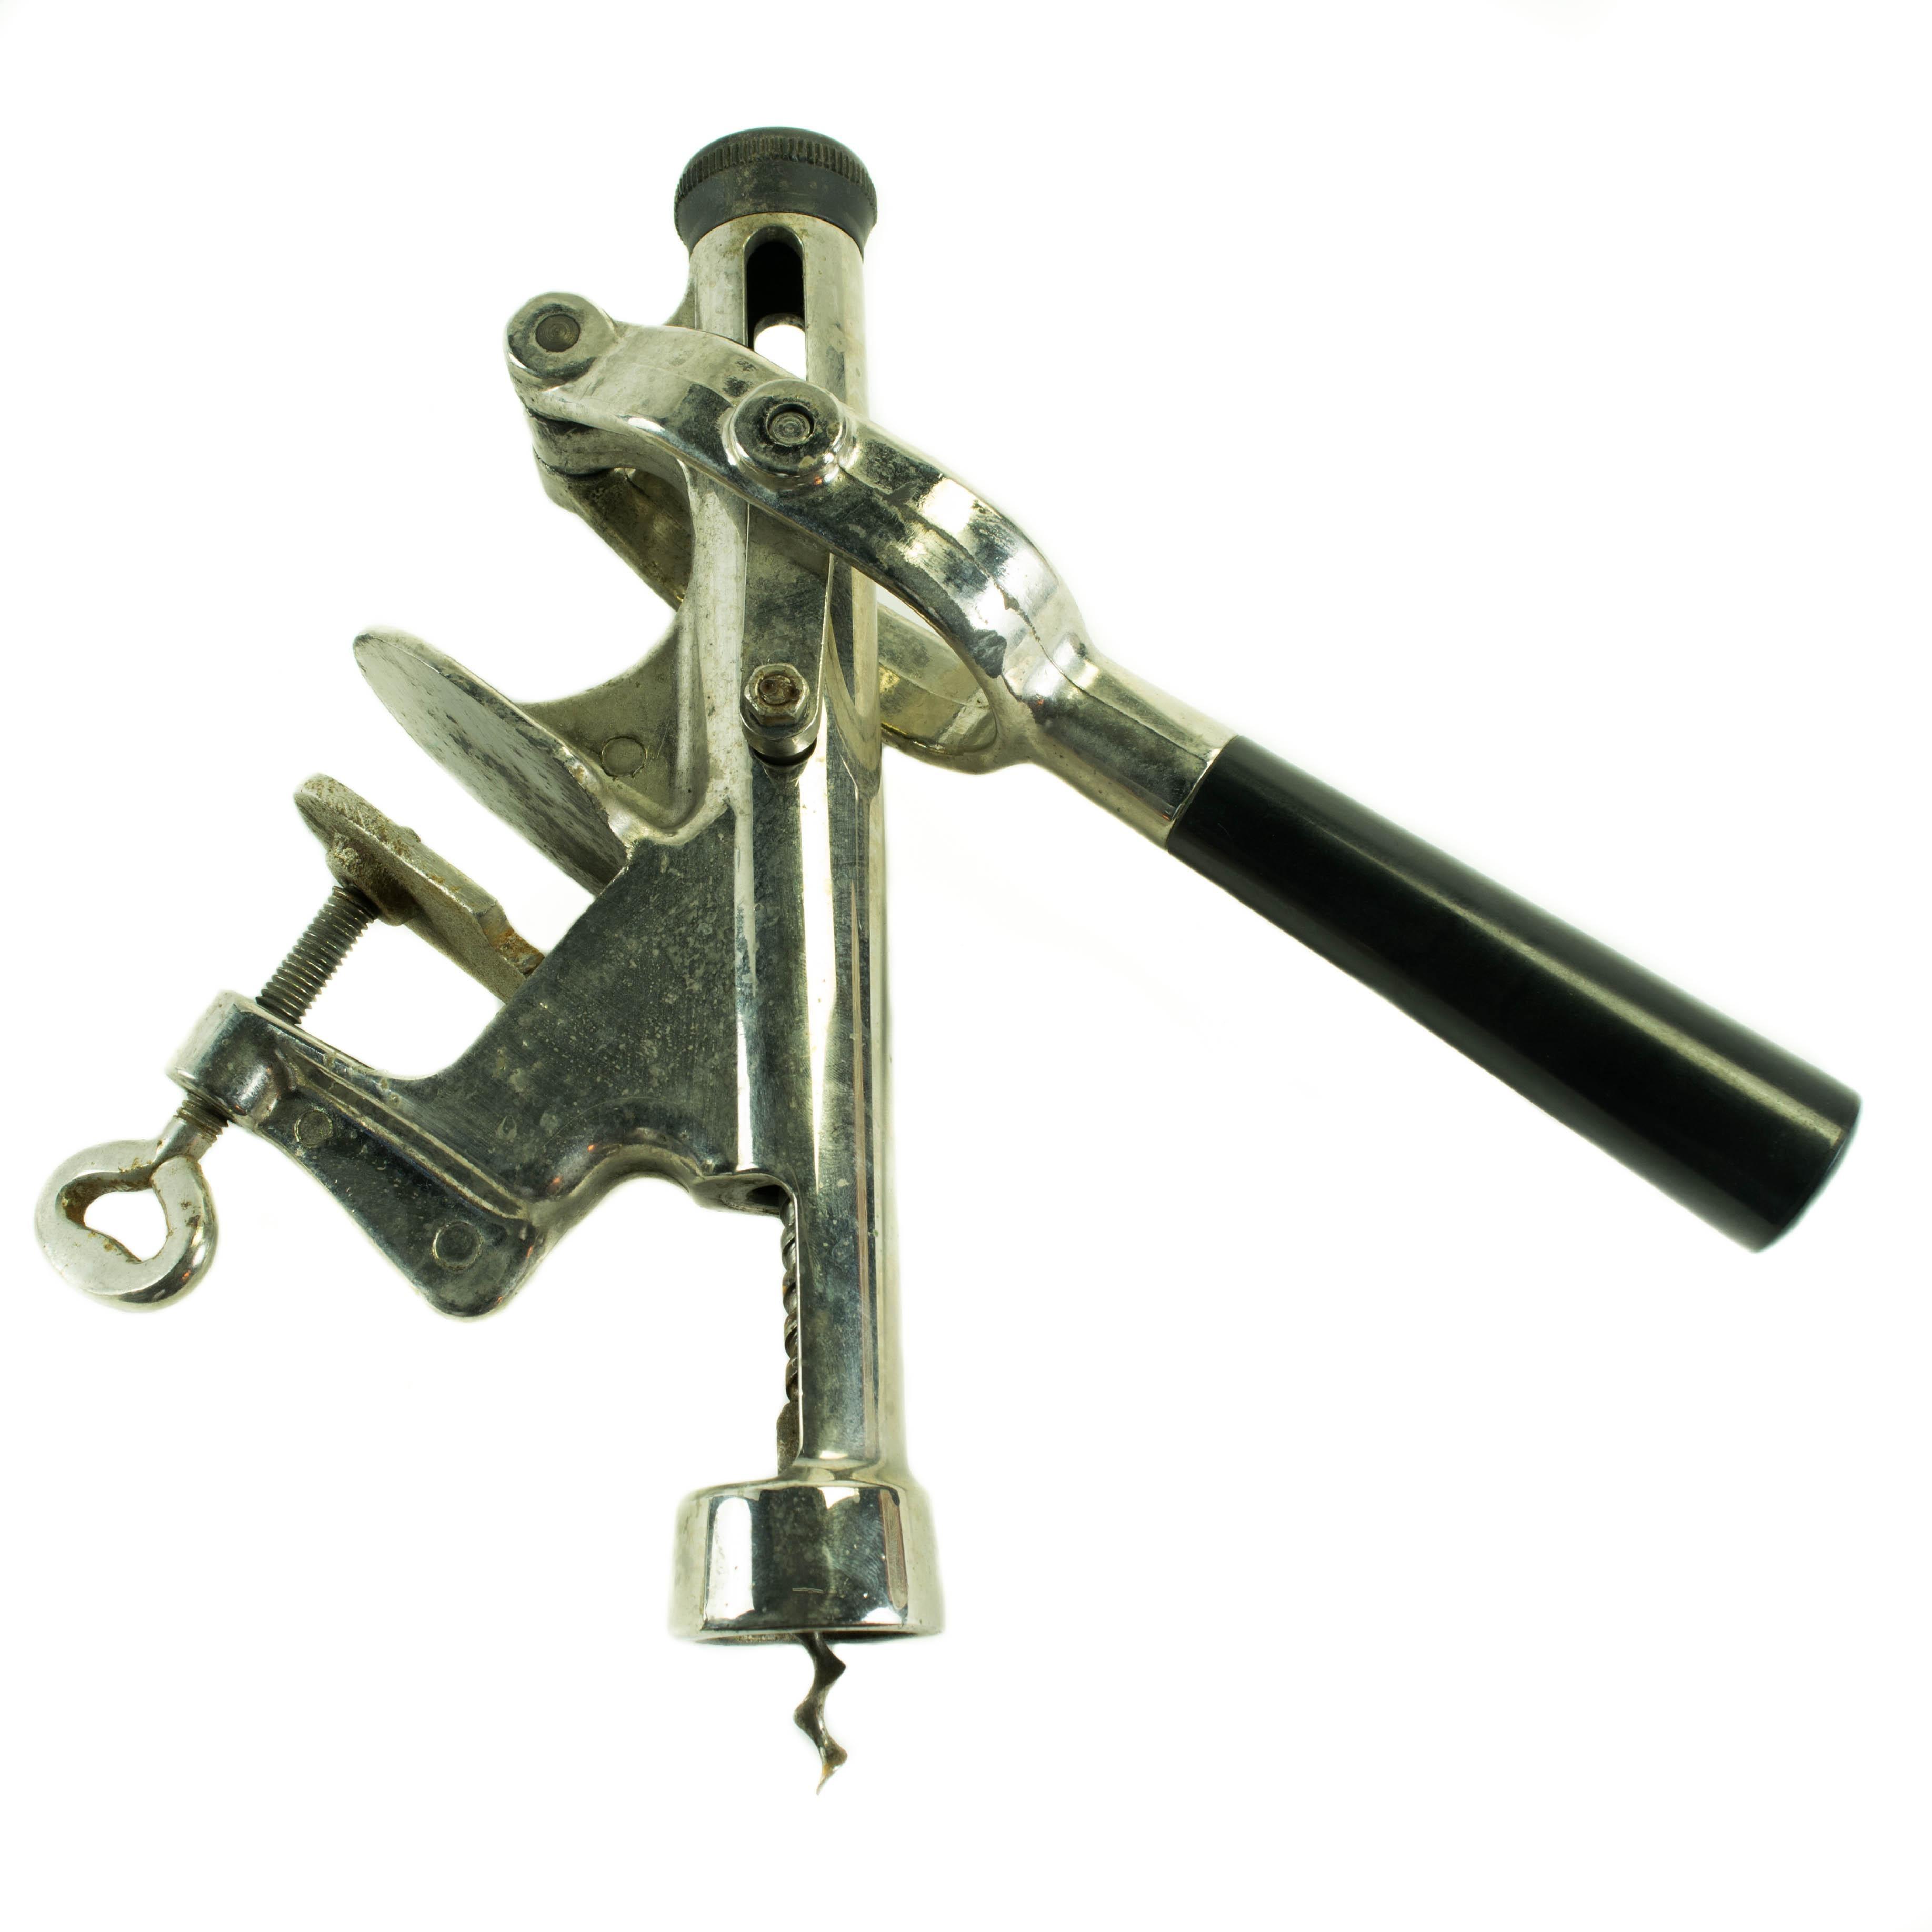 Commercial Corkscrew